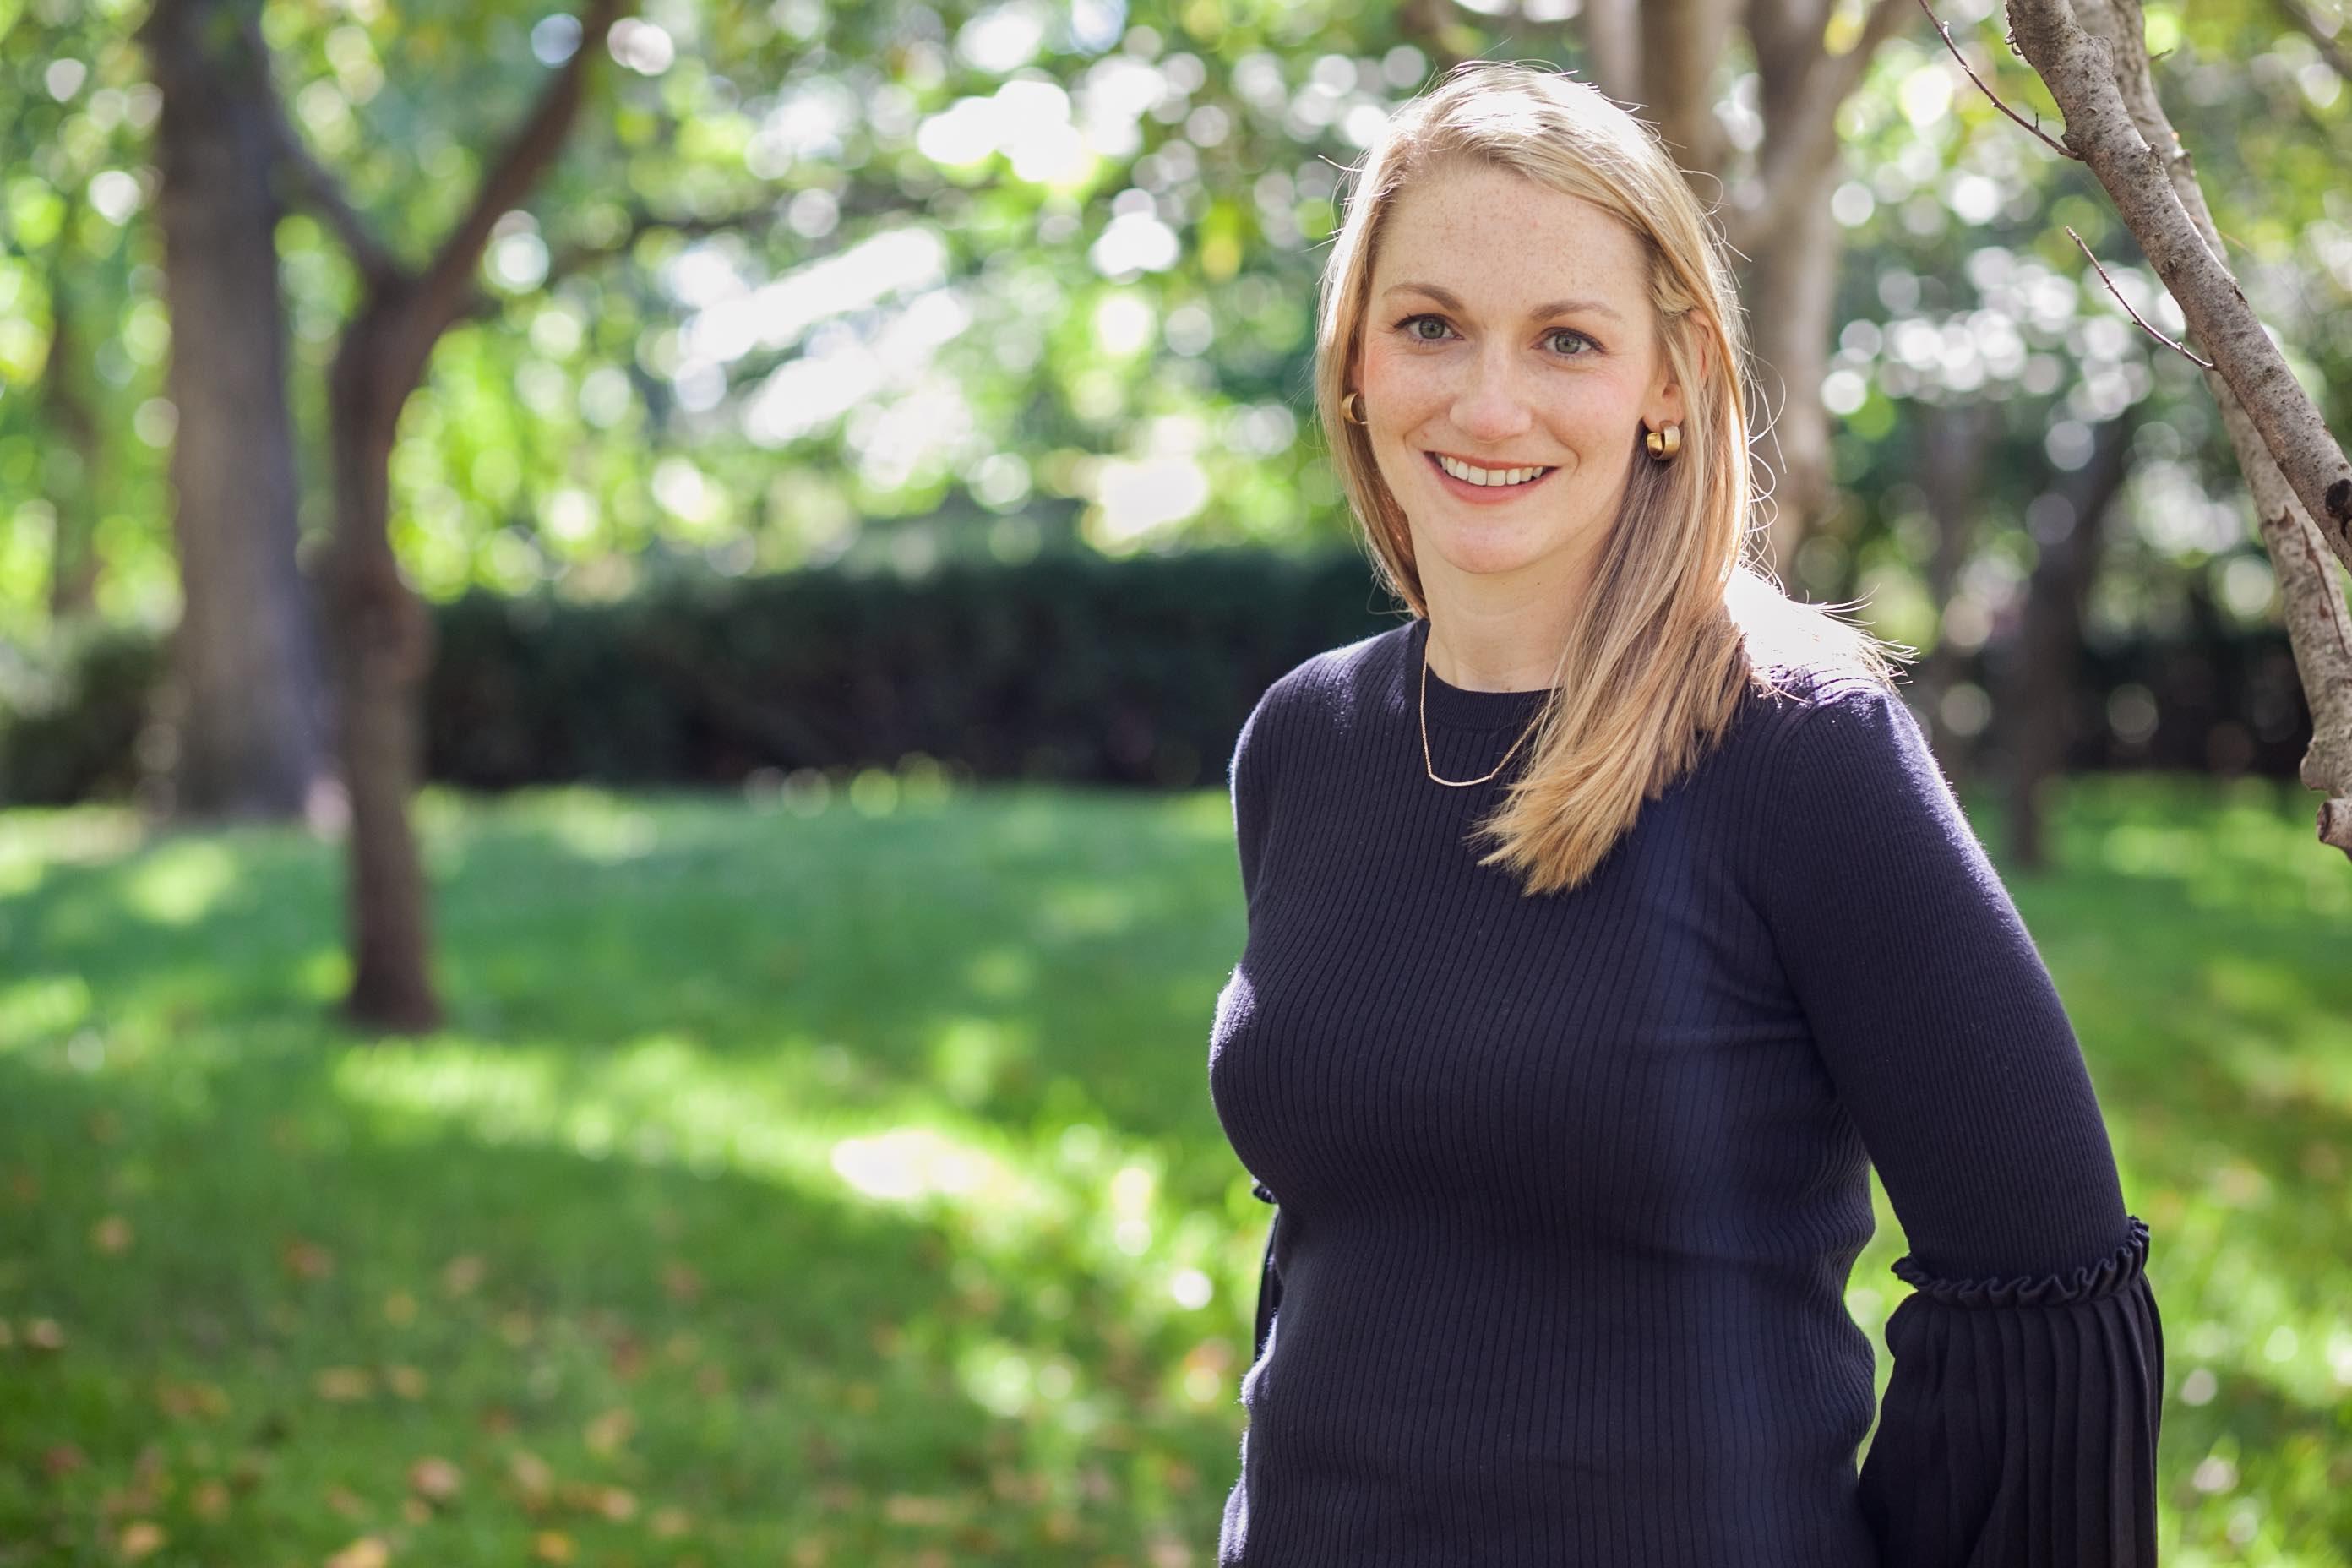 Adrienne Fisher